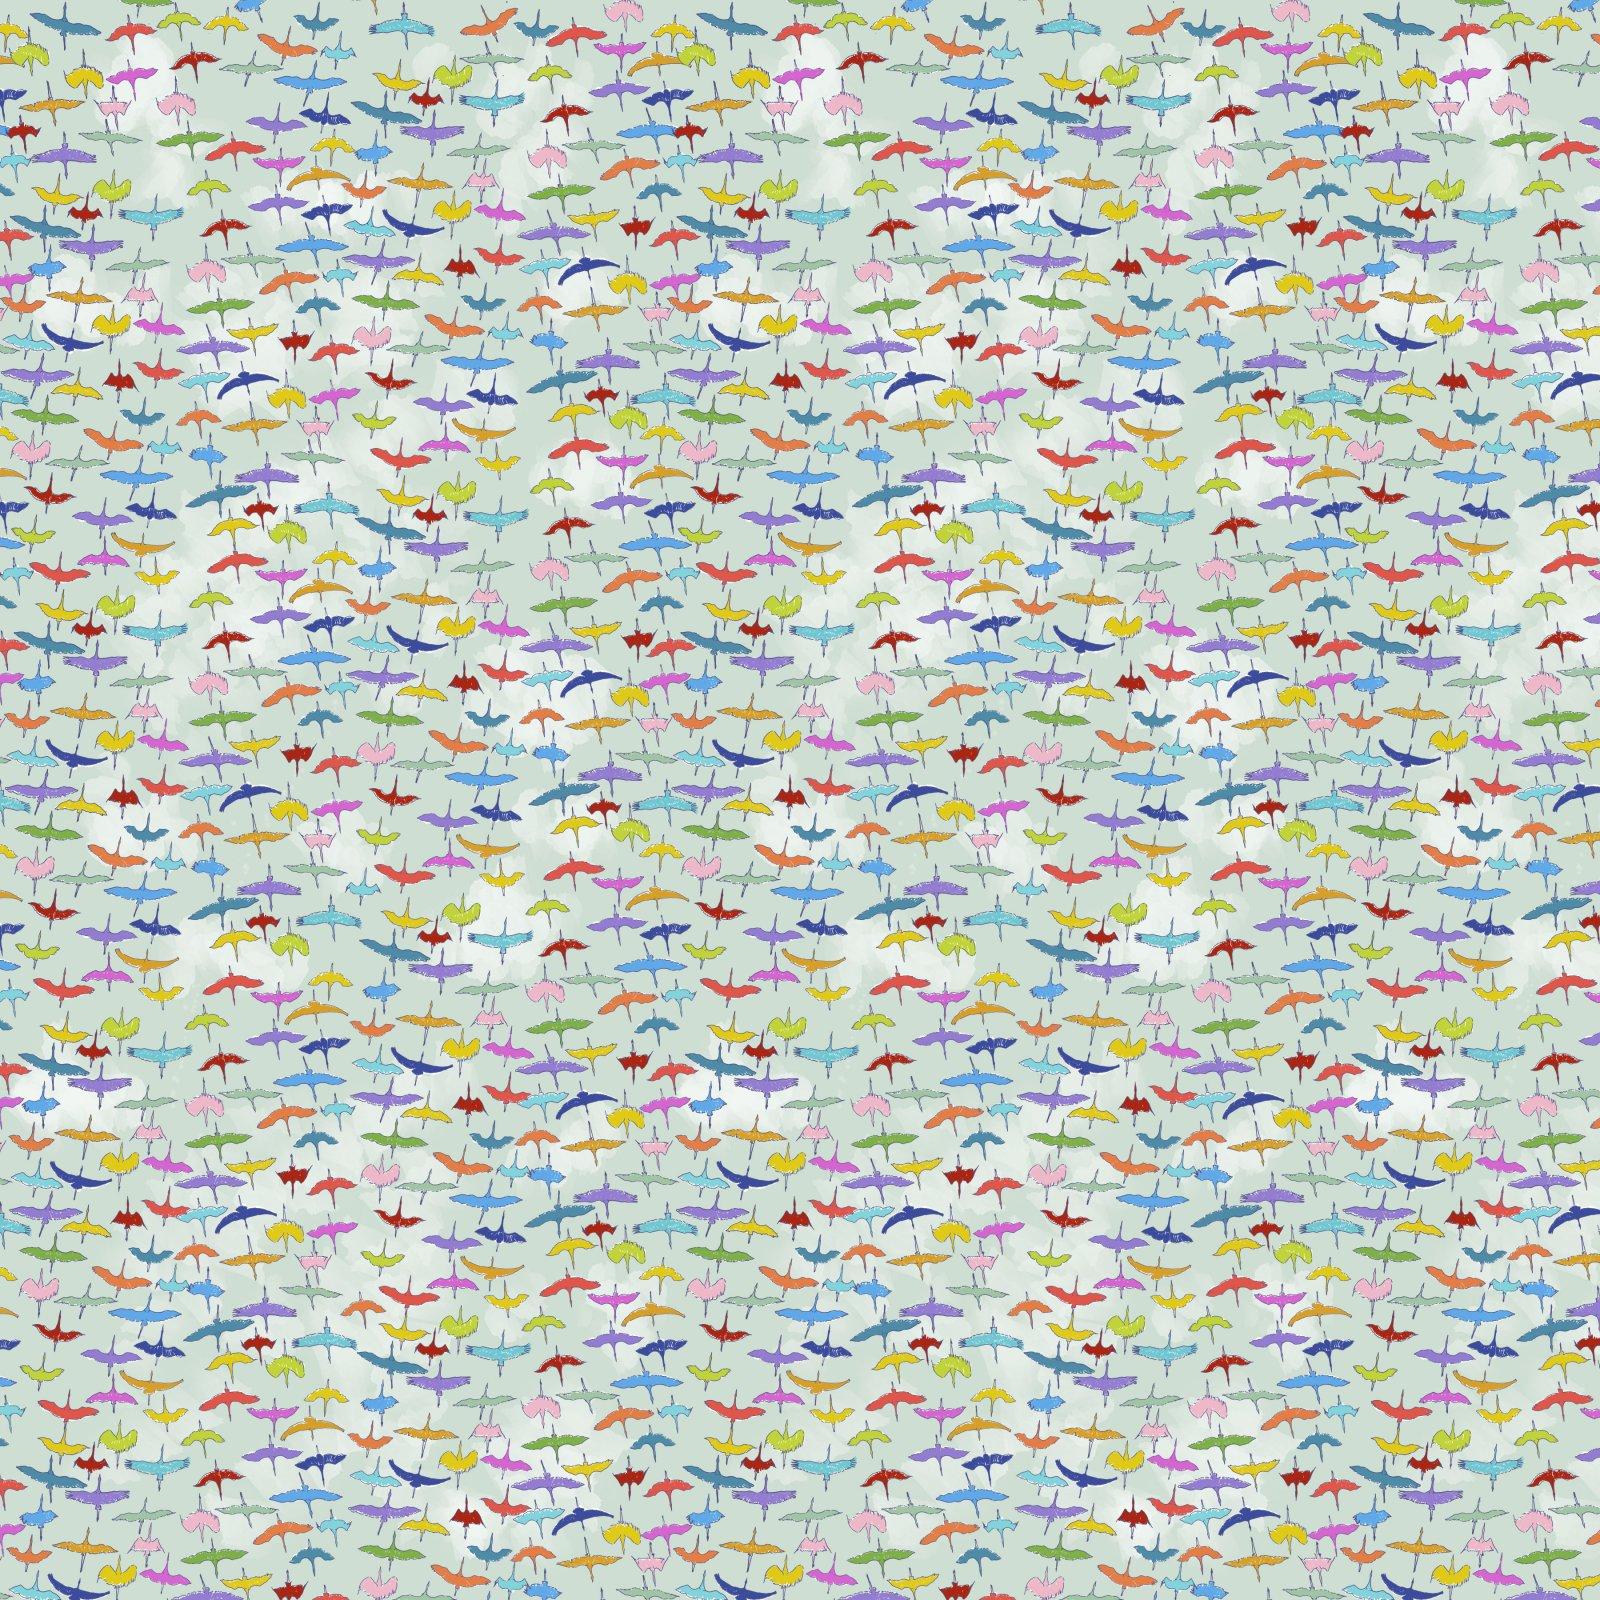 PWLT021.AQUA - Free Spirit Migration Siberian Cranes - Aqua